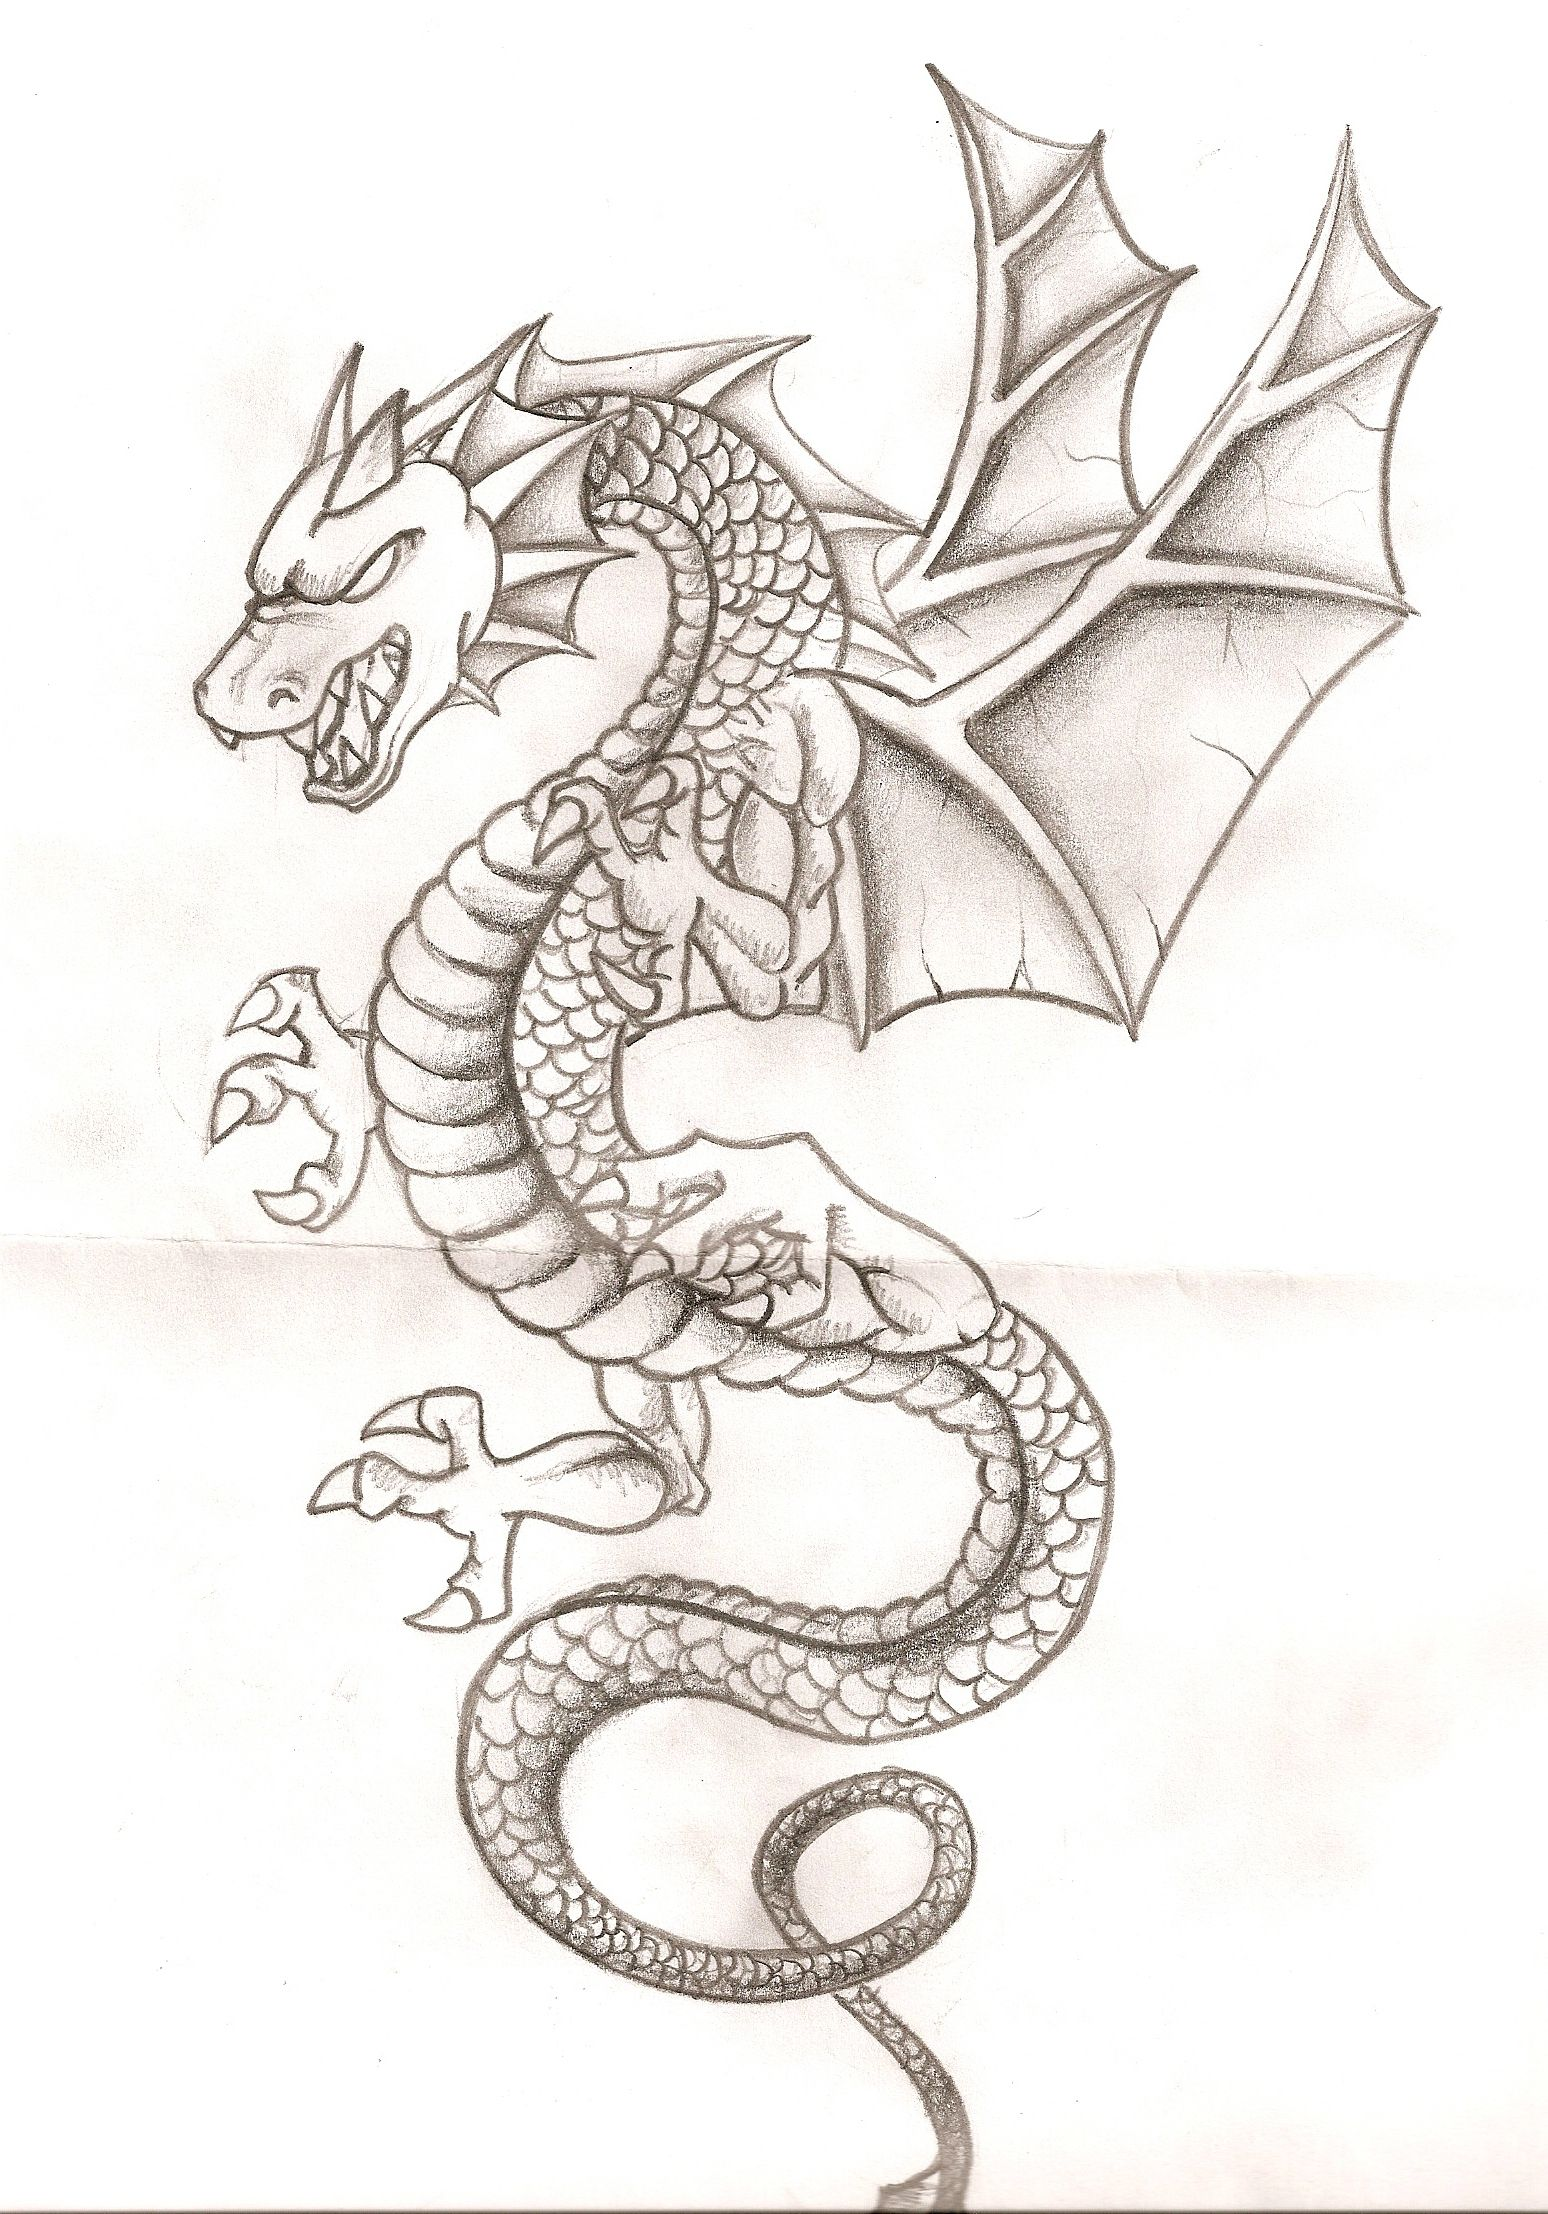 Pin De Payal En Dibujo De Dragon Dibujo De Dragon Dragon Para Dibujar Dragones